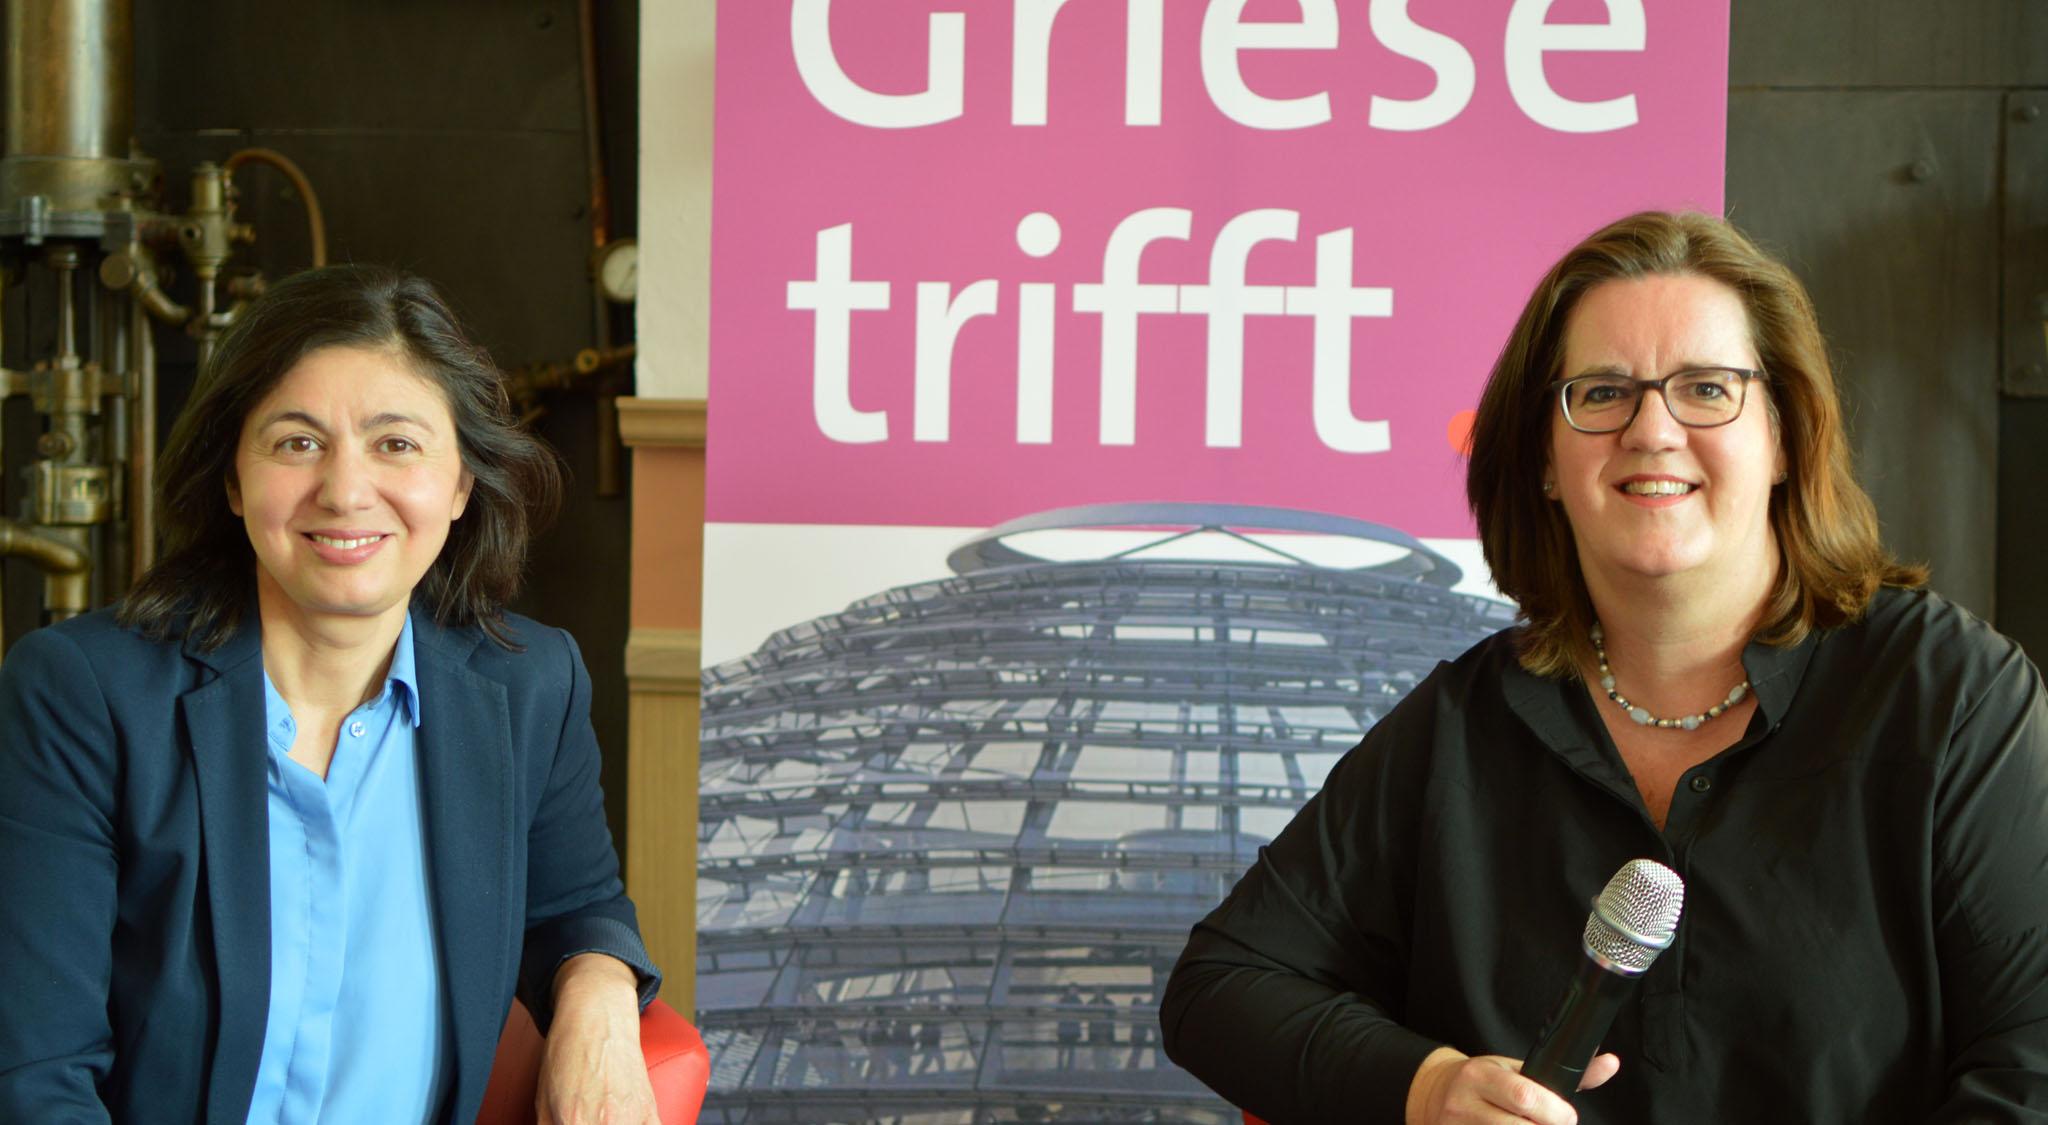 Hatice Akyün und Kerstin Griese bei der Diskussion in Ratingen